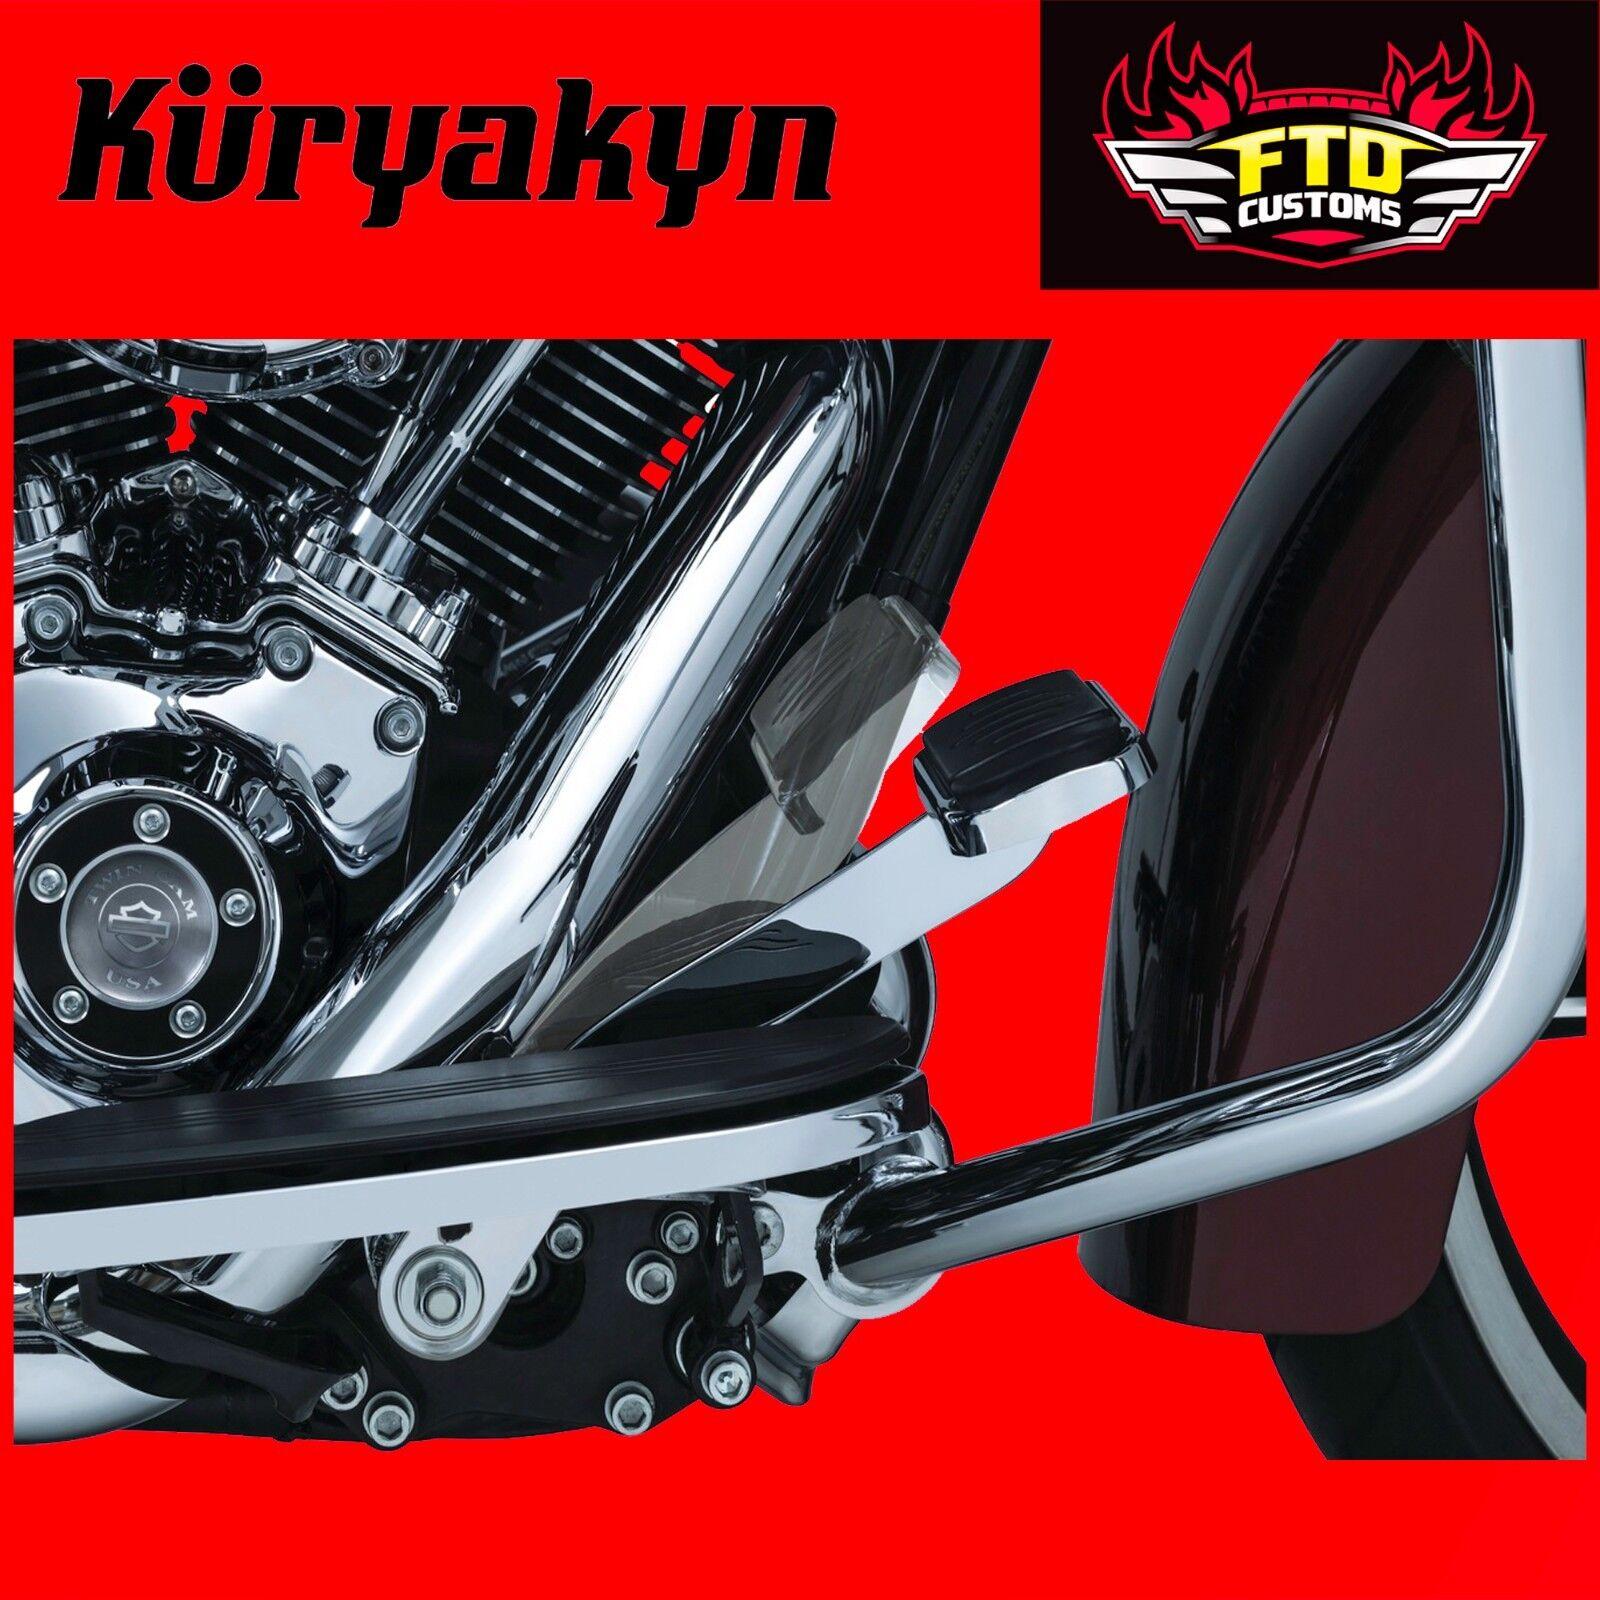 Fitment for Kuryakyn Chrome Extended Brake Pedal 9670